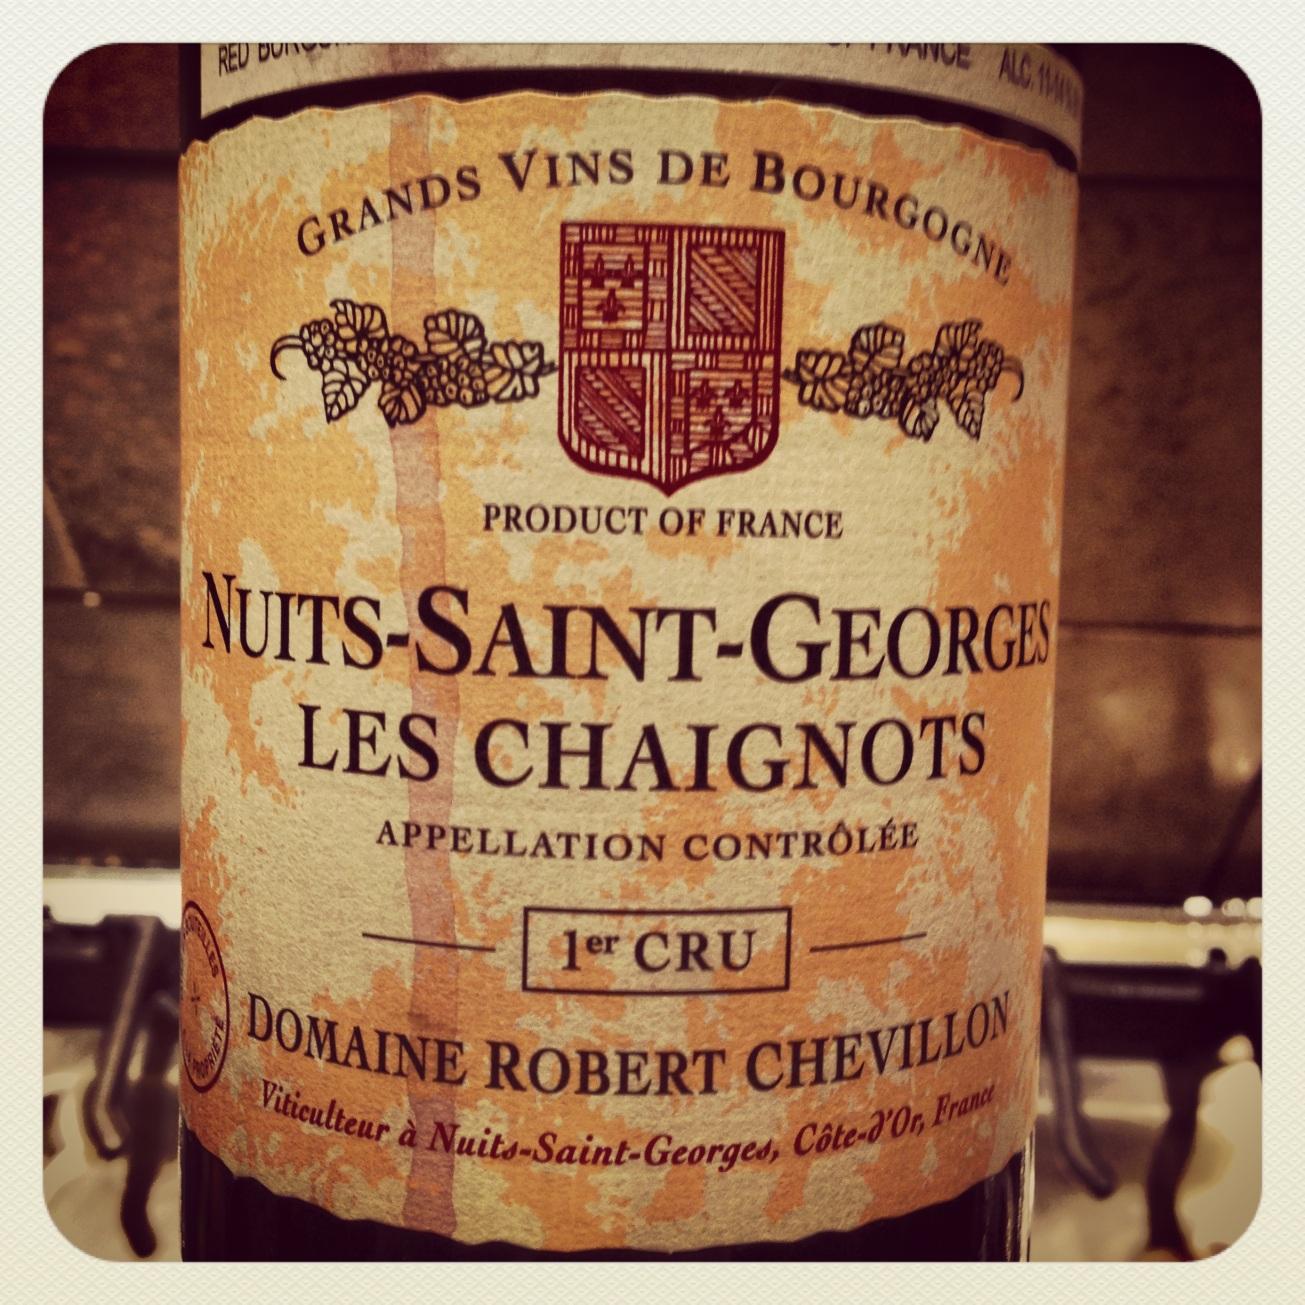 2006 Domaine Robert Chevillon Nuits St. Georges 1er Cru Les Chaignots